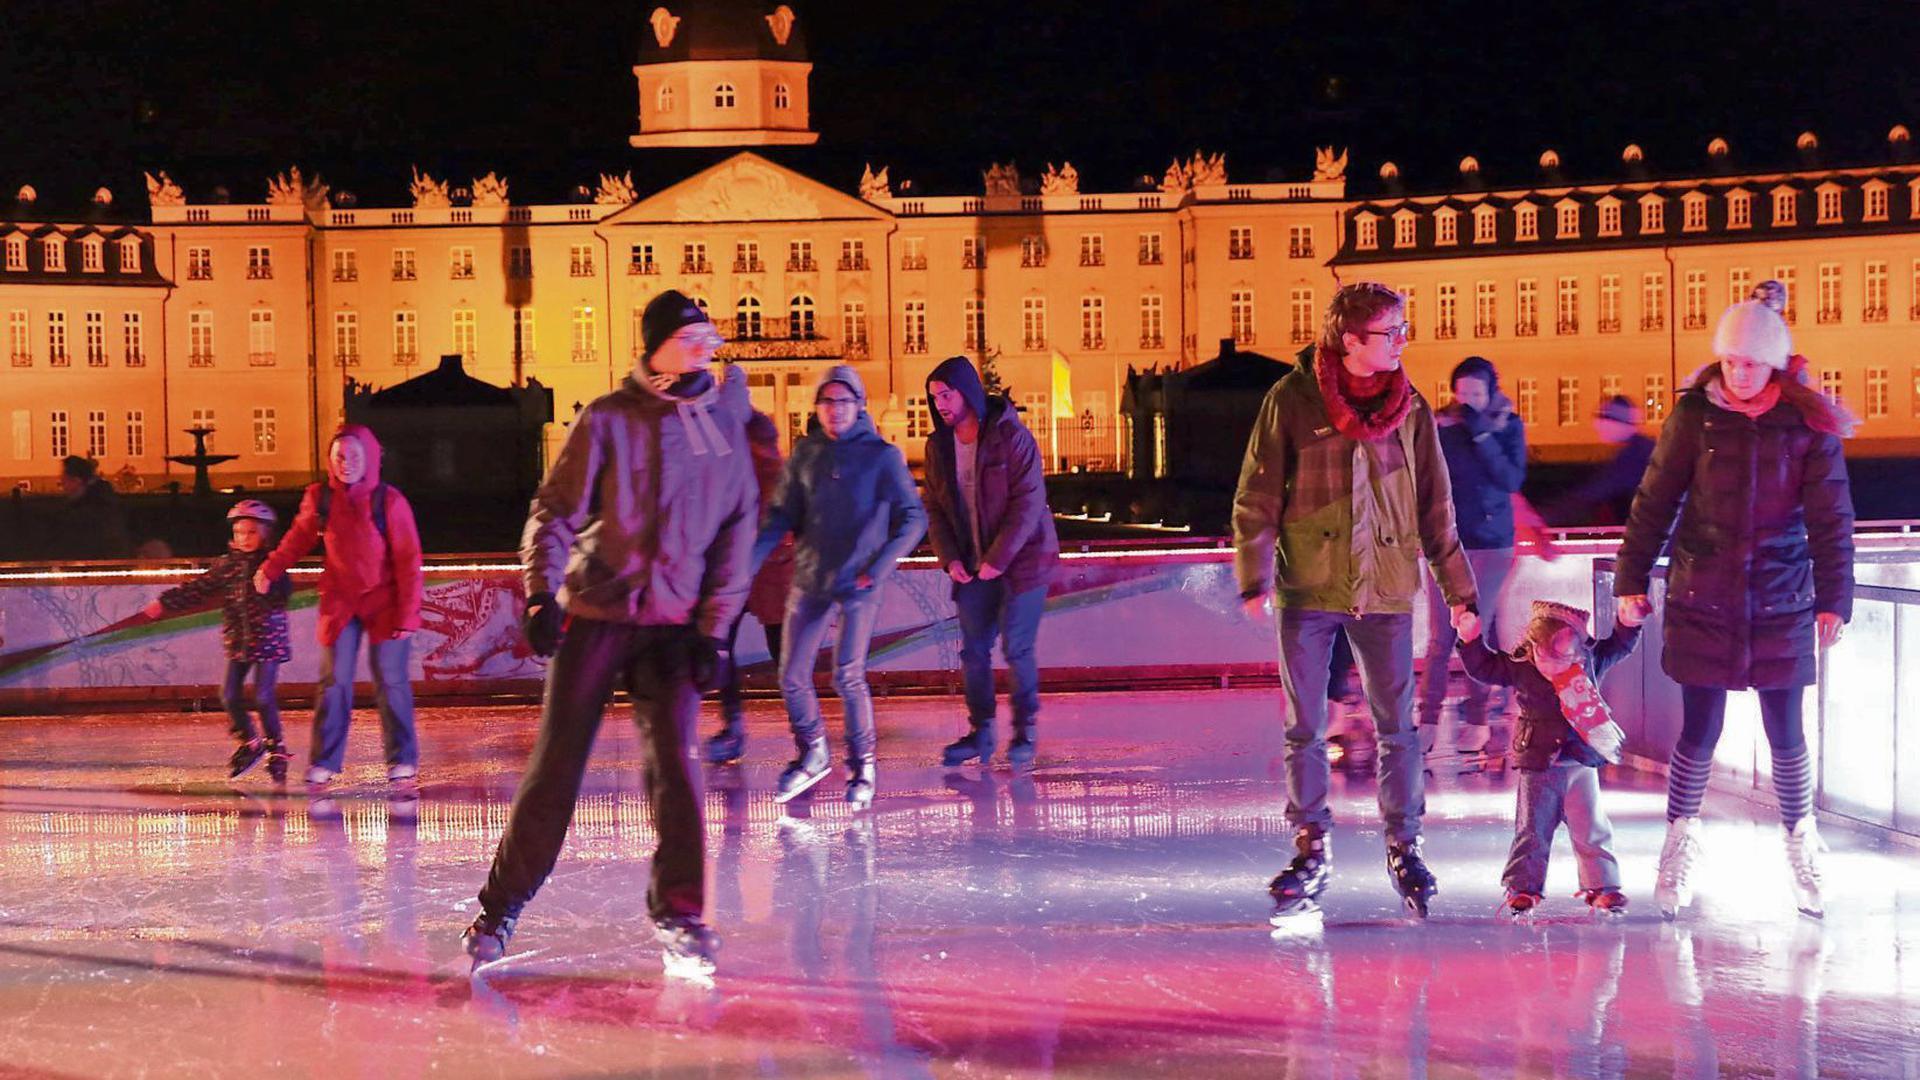 Eisiges Vergnügen: Die Schlittschuhfläche am Karlsruher Schloss soll trotz Corona Ende November eröffnet werden.